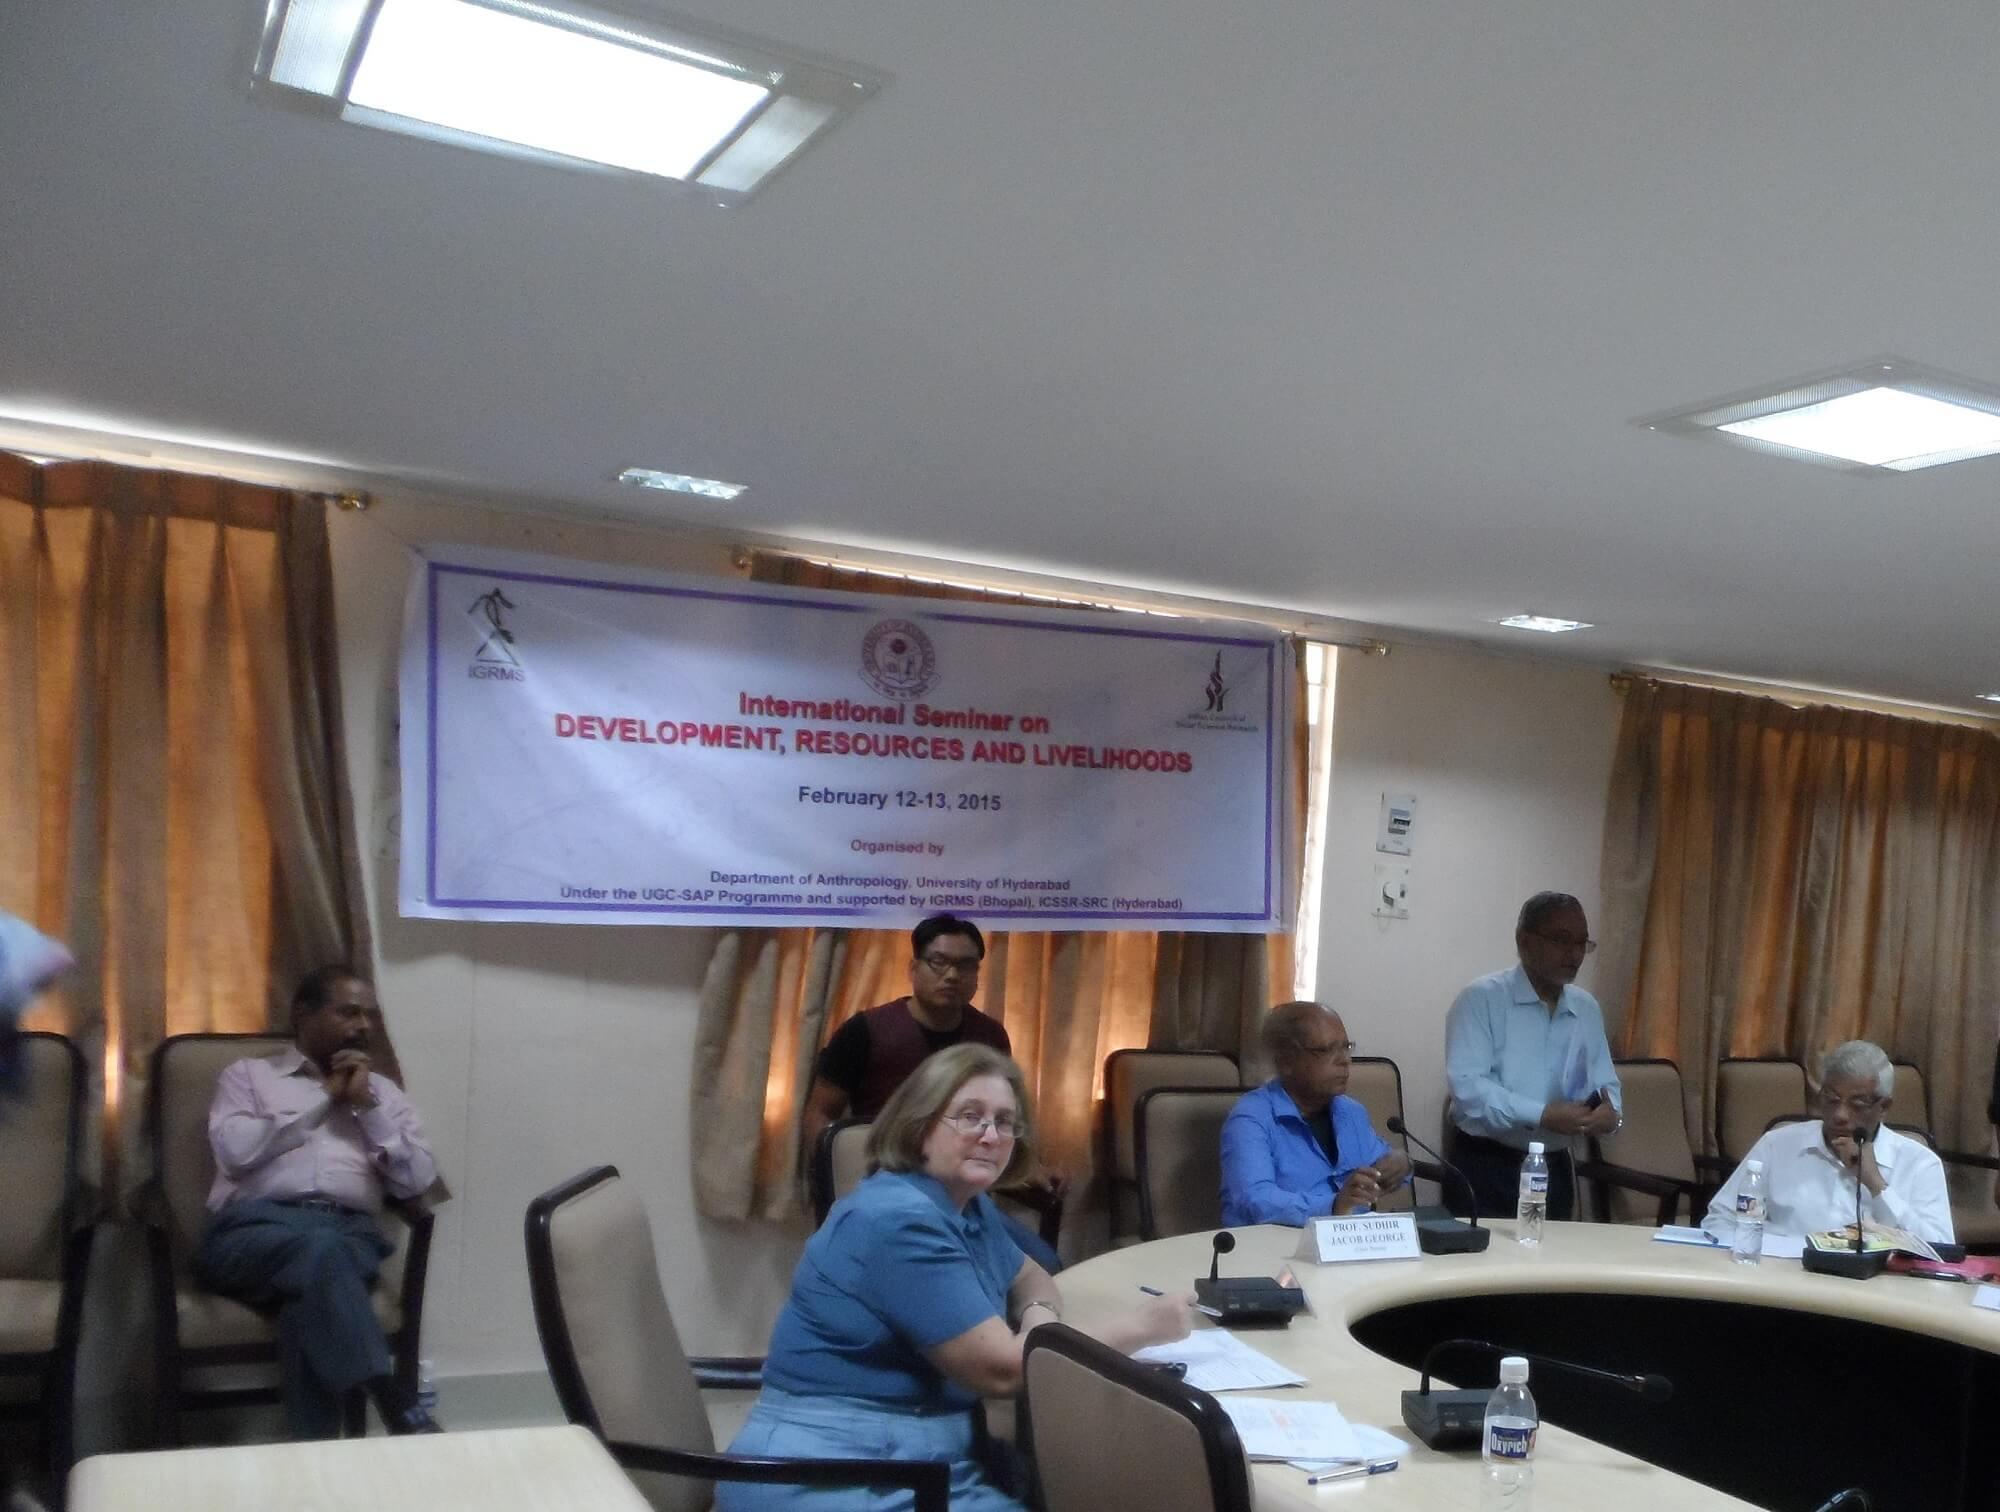 Белозёрова М. В. Участник Международной научной конференции «Development, Resources and Livelihoods: International Seminar. Abstracts». – Hyderabad (India): University of Hyderabad, Department of Anthropology, February 12-13, 2015